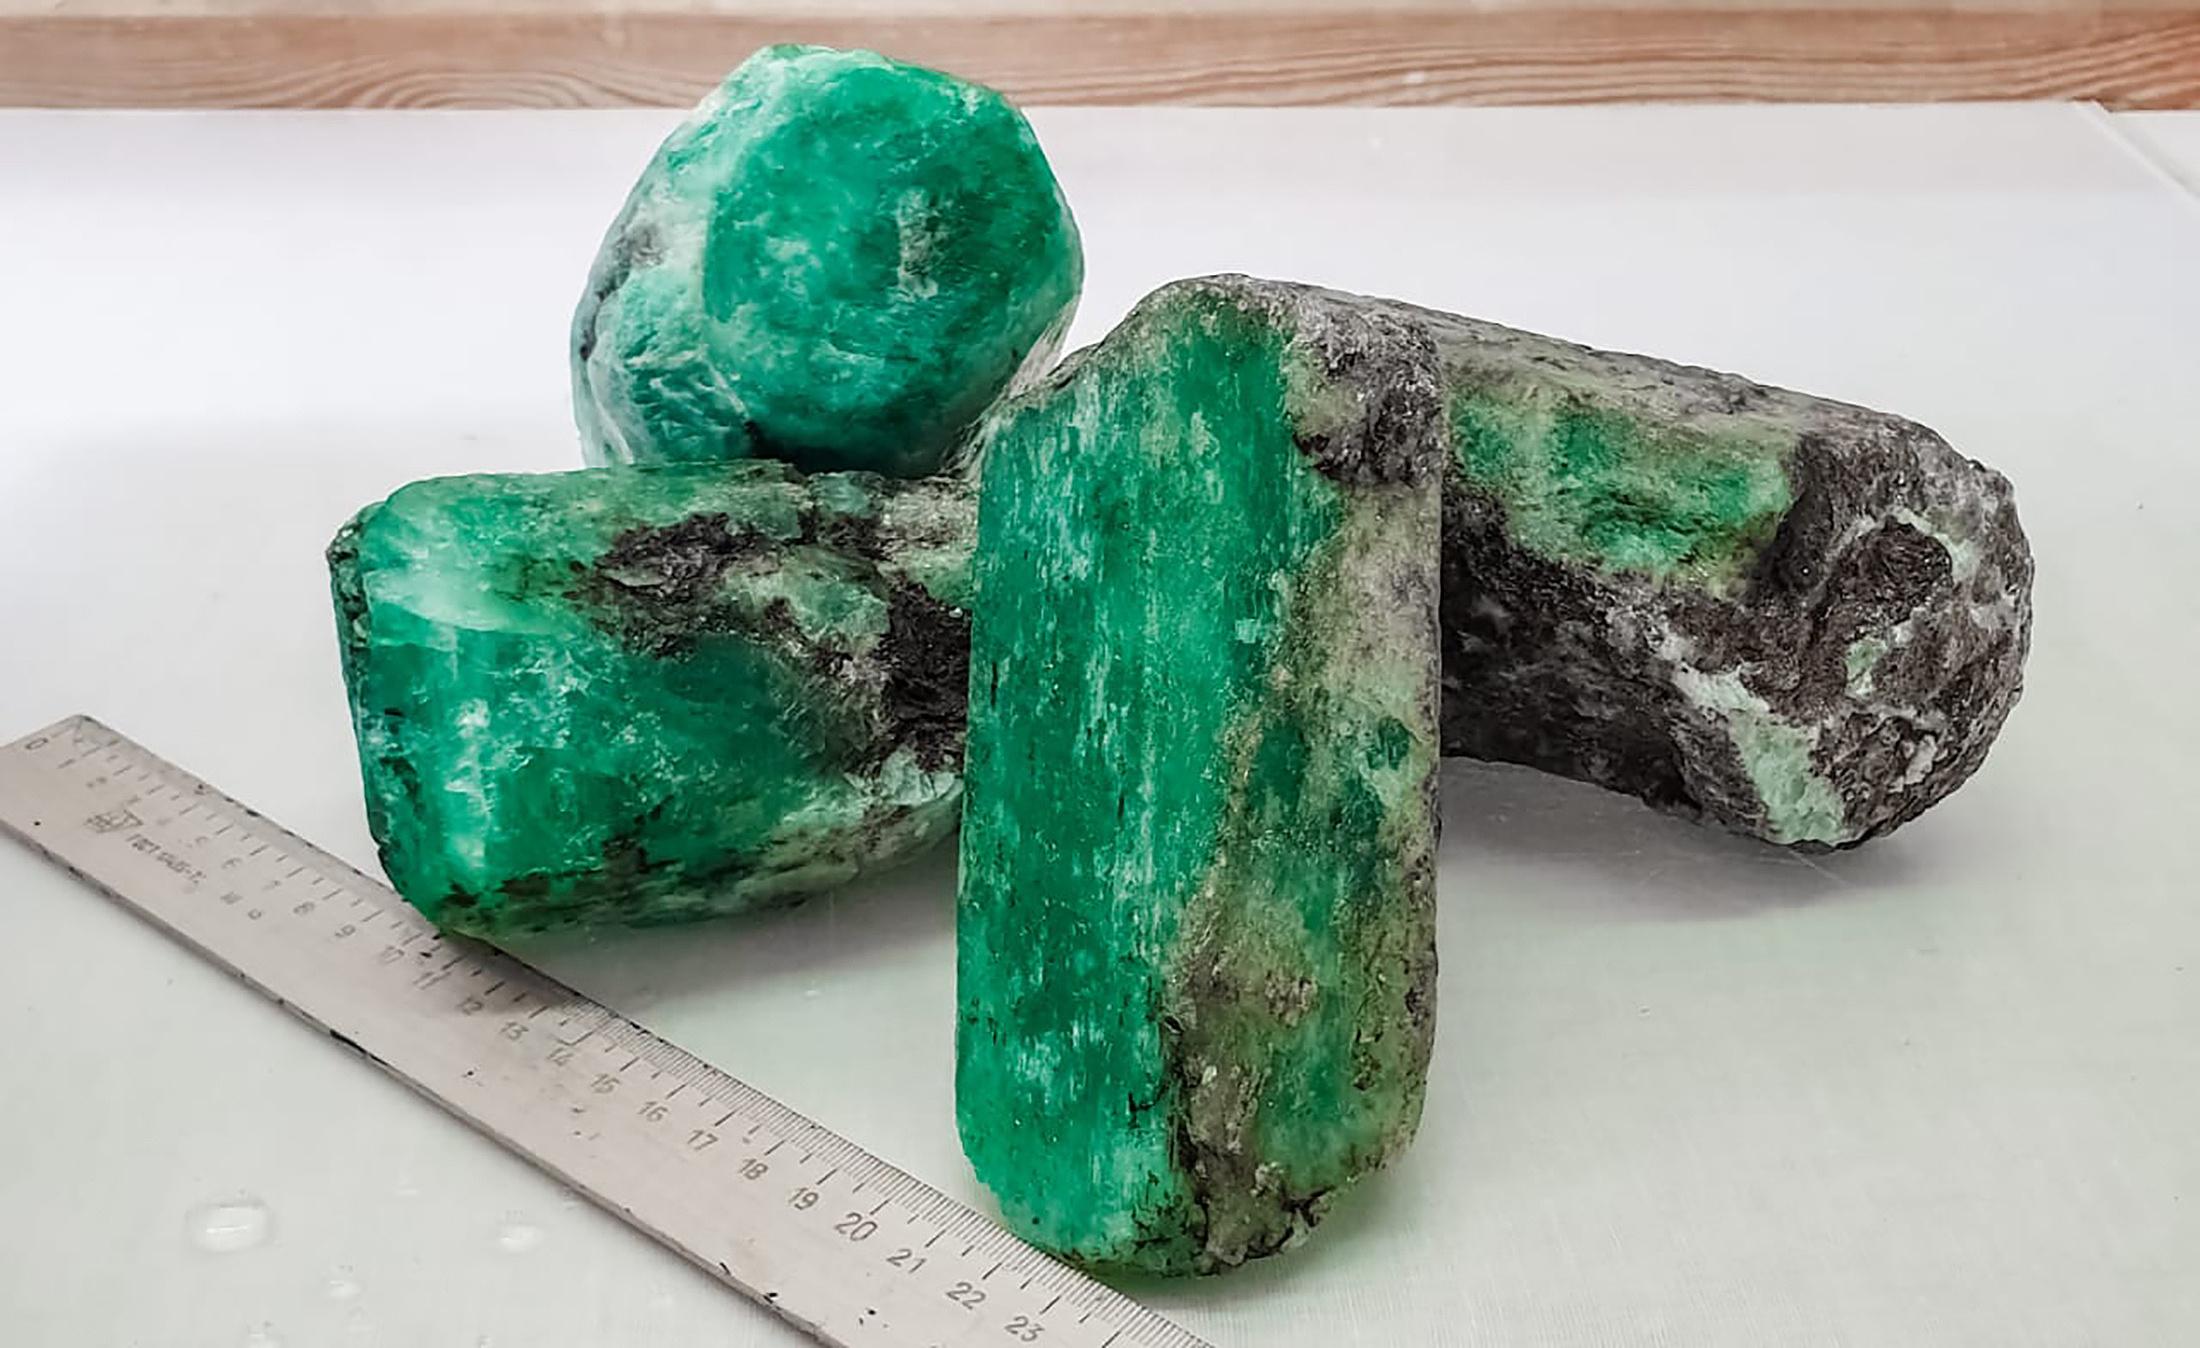 俄罗斯发现巨大绿宝石 总重量达4.8公斤。视觉中国 供图